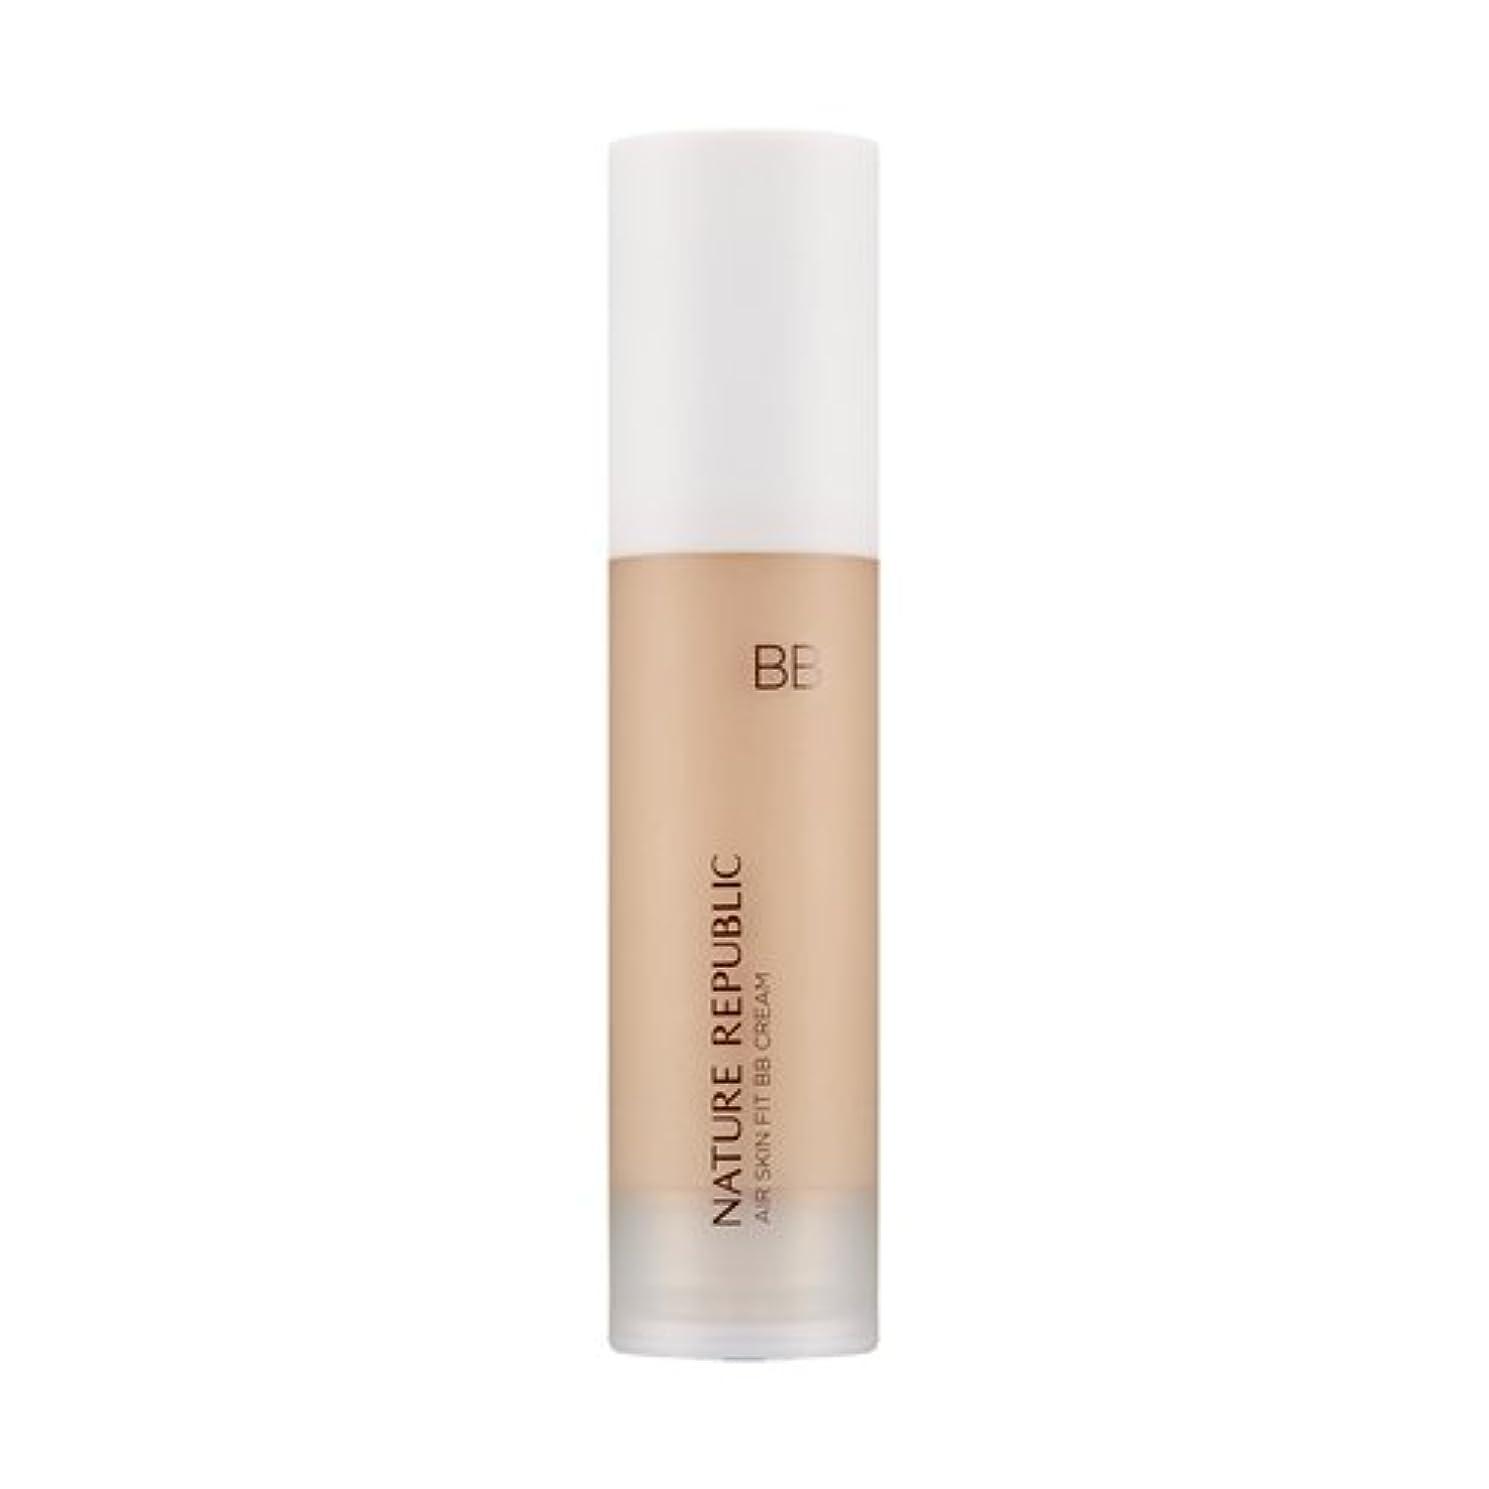 壁紙スケッチビジョンNATURE REPUBLIC Provence Air Skin Fit BB Cream #02 Natural Beige / ネイチャーリパブリック プロヴァンスエアスキンフィットBBクリーム (#02 Natural...